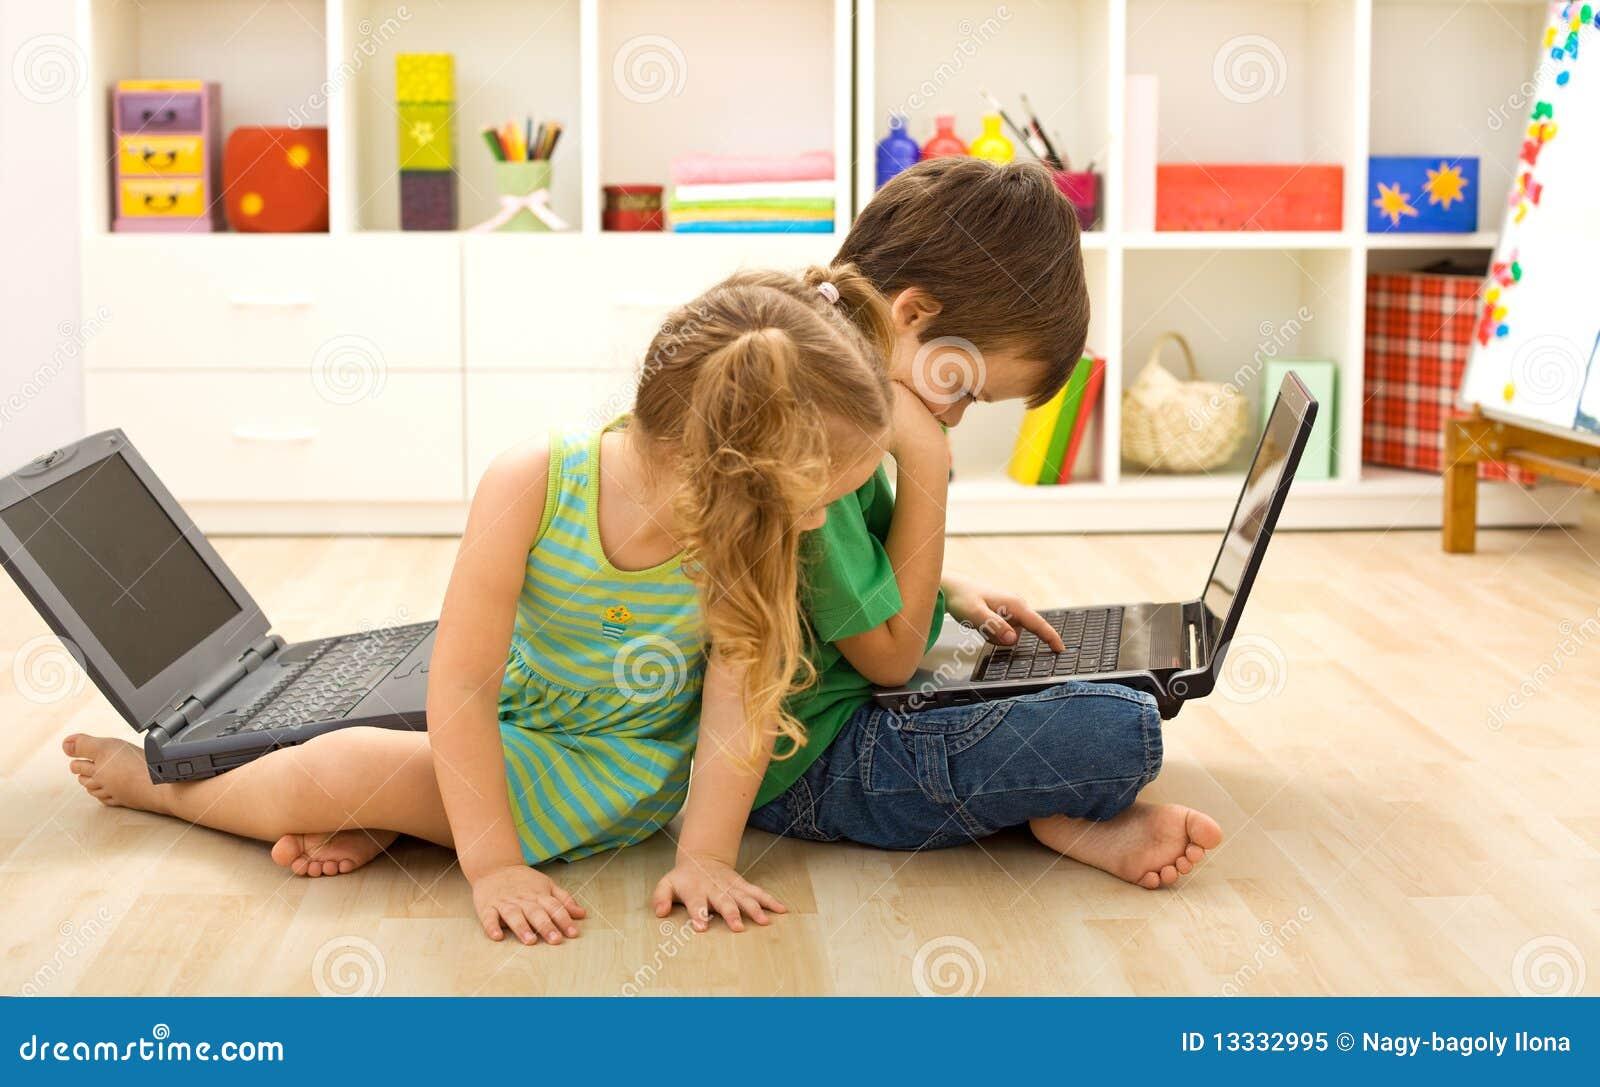 Ruchliwie komputerowych dzieciaków handlowy sztuczek używać